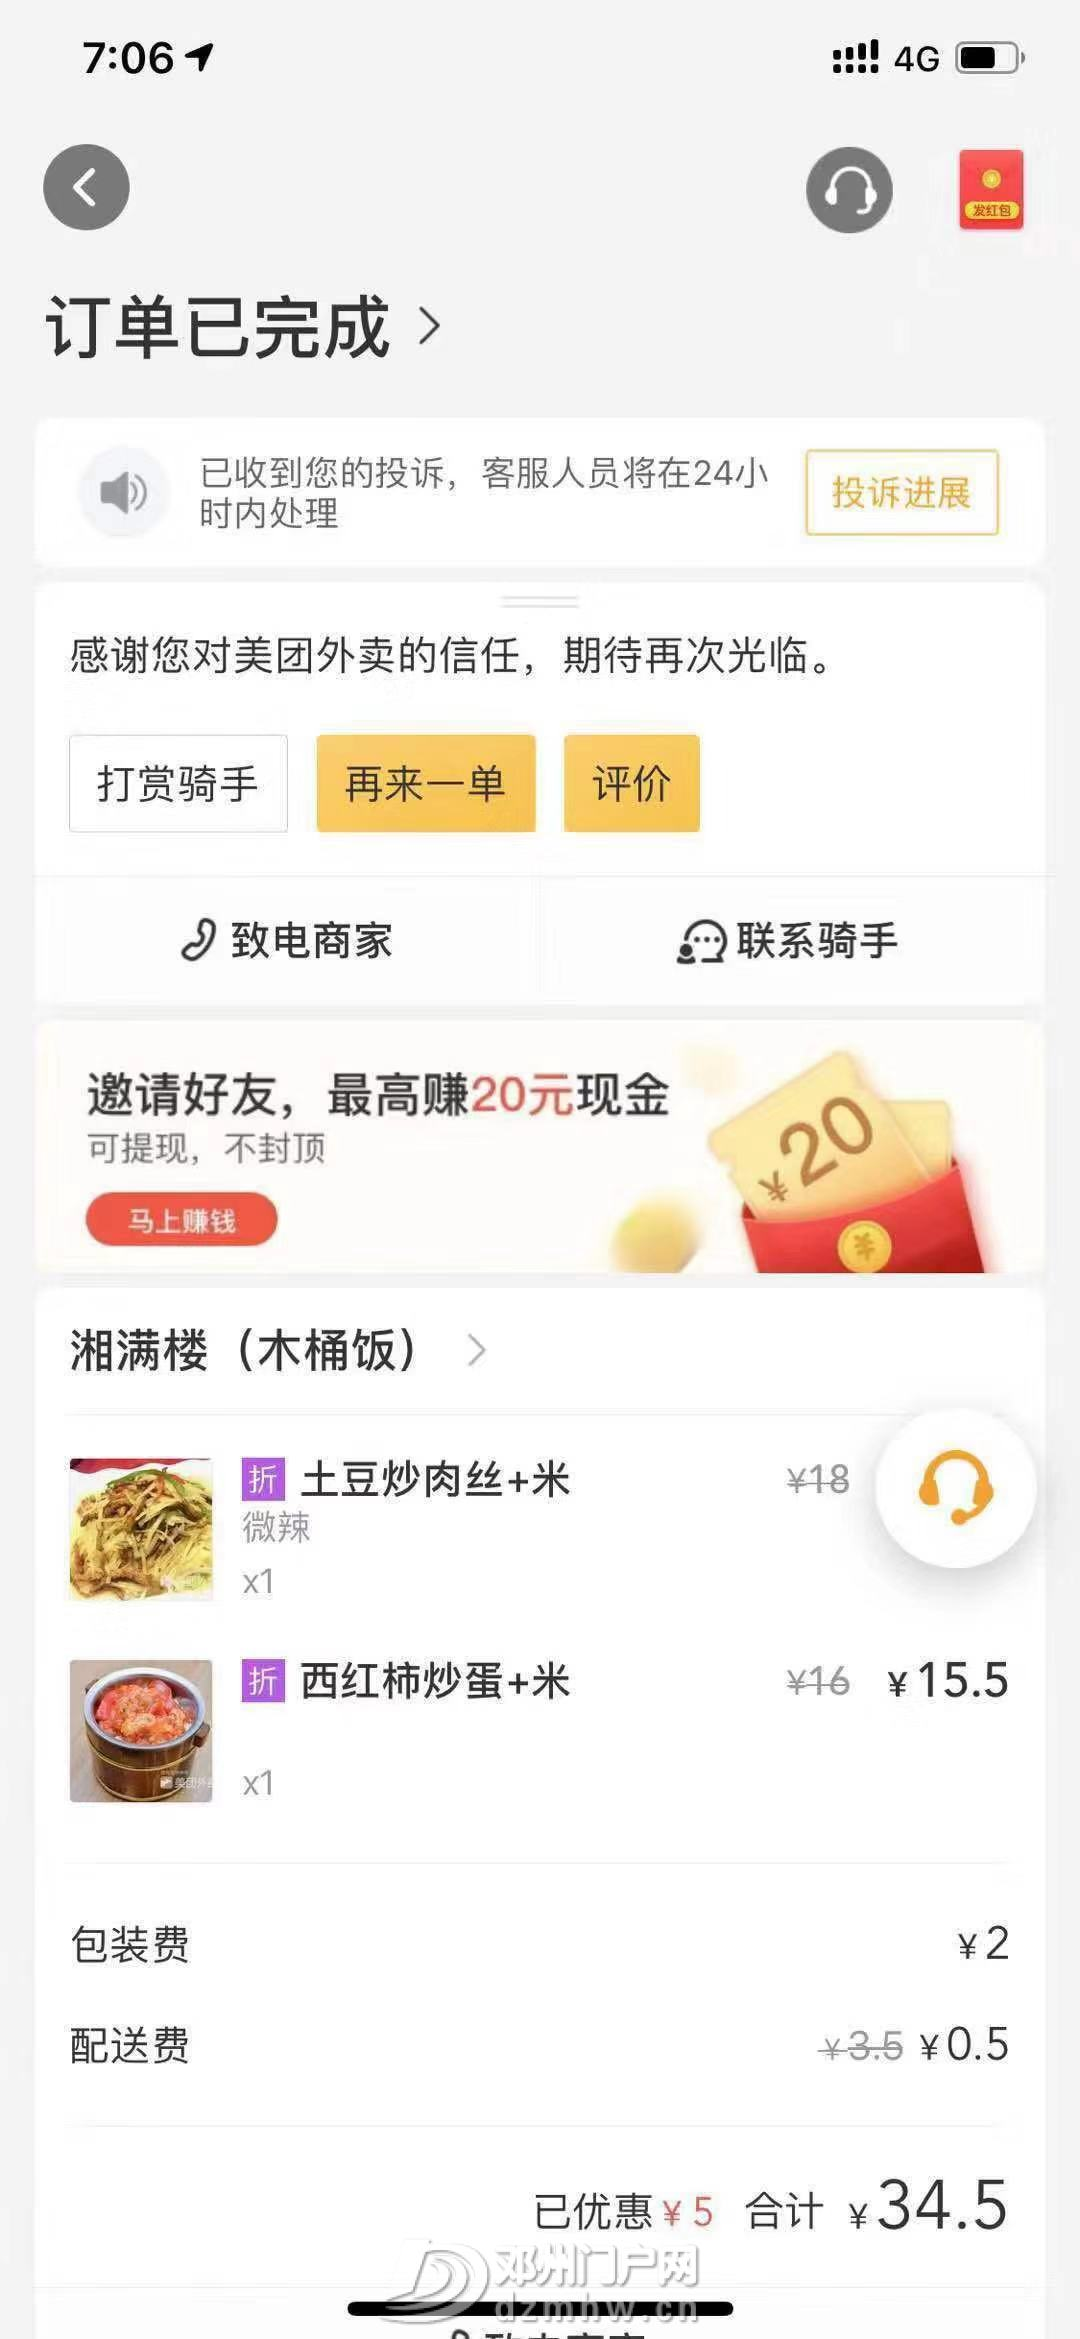 【曝光】邓州一外卖商家菜品出现异物,未能妥善处理! - 邓州门户网|邓州网 - 微信图片_20190805234600.jpg